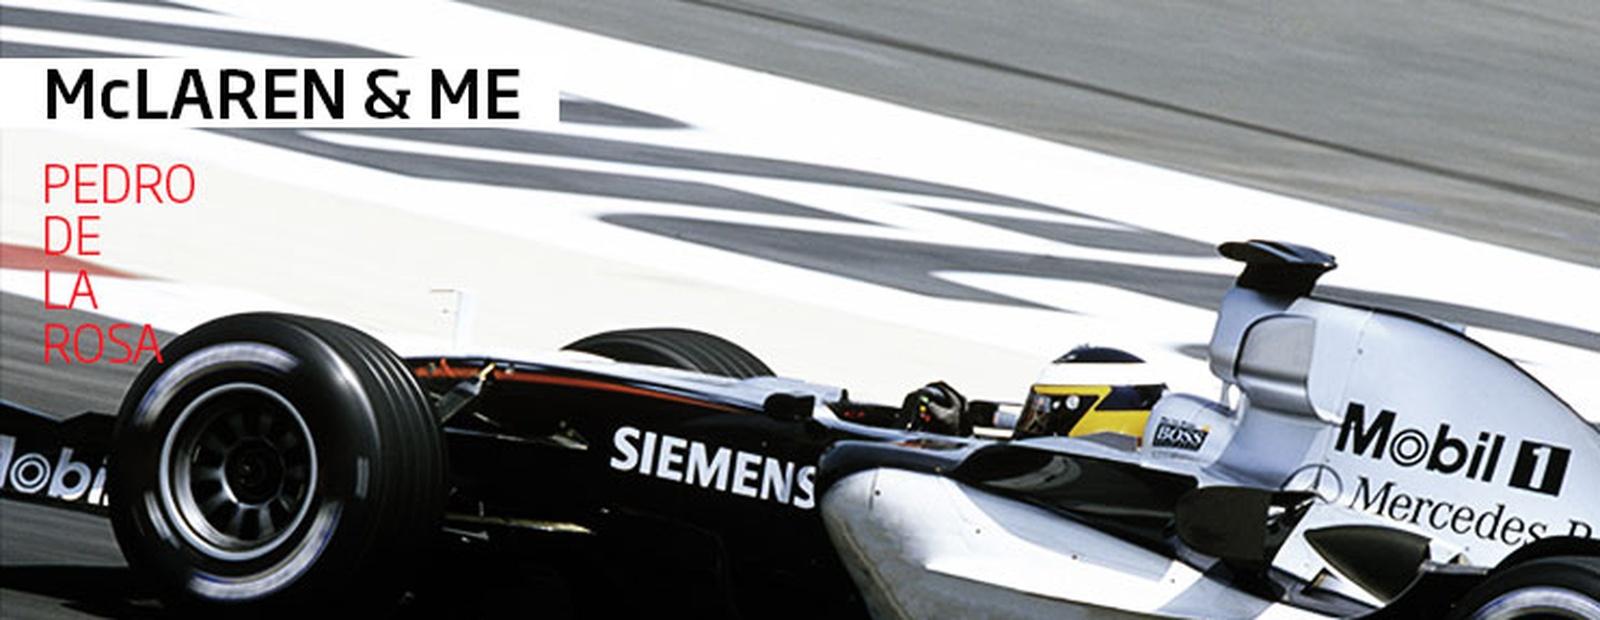 McLaren & Me: Pedro de la Rosa Part II